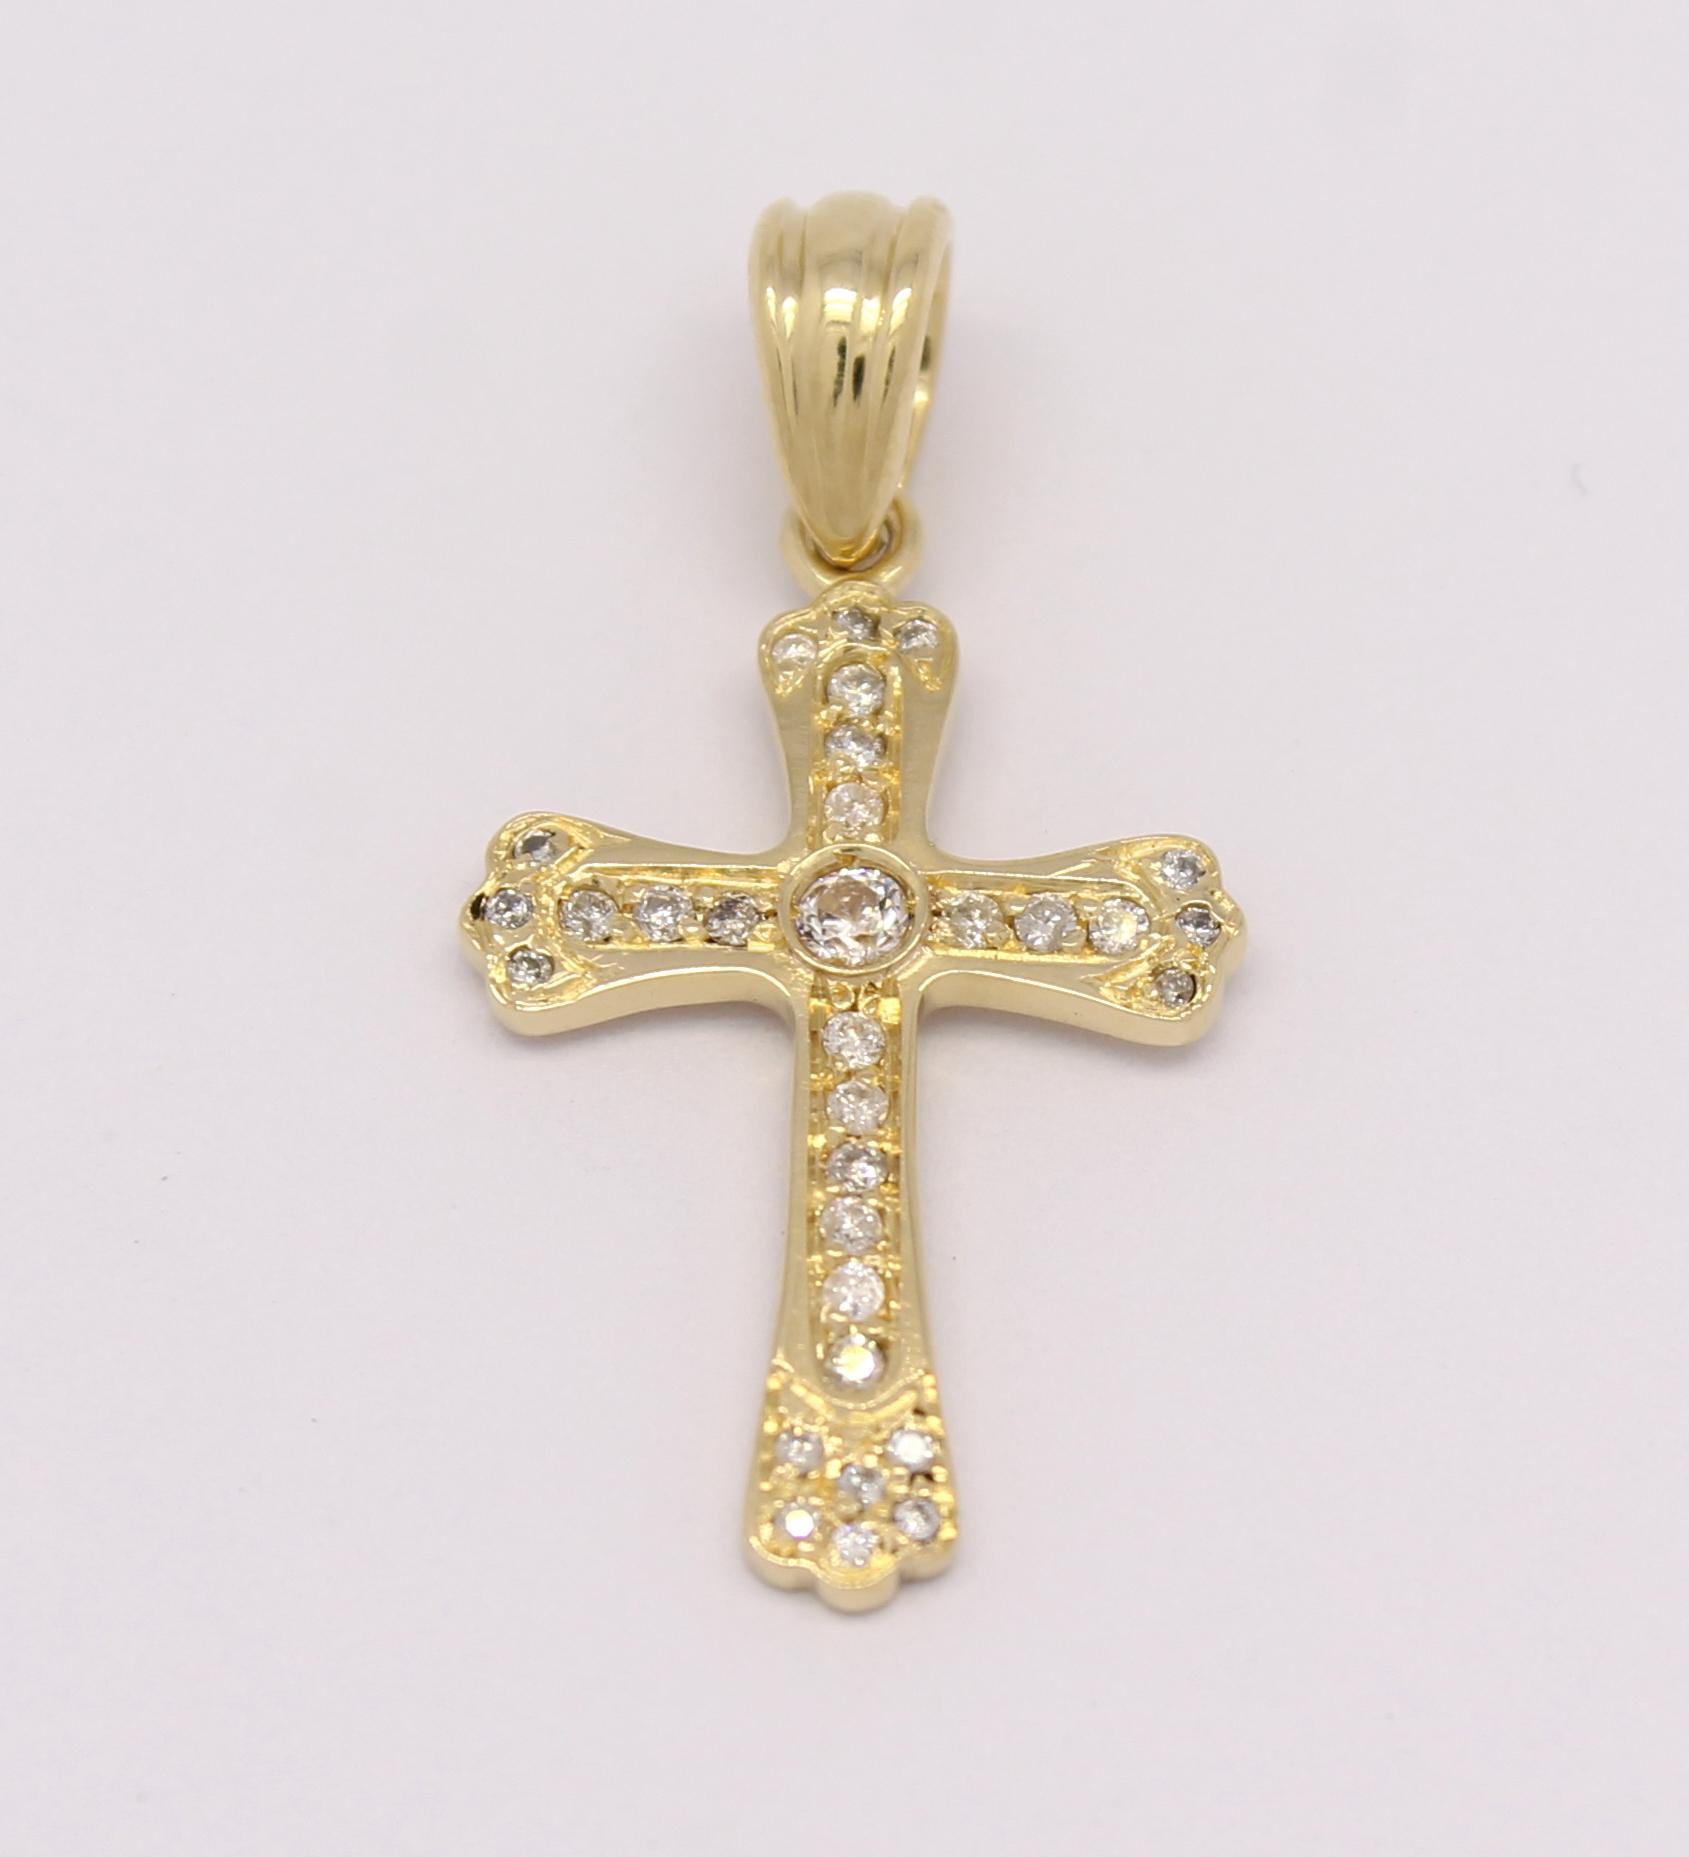 28326b1765ffe Cruz Pequena Diamantes Ouro Amarelo 18k 750 - Marcio Joalheiros ...